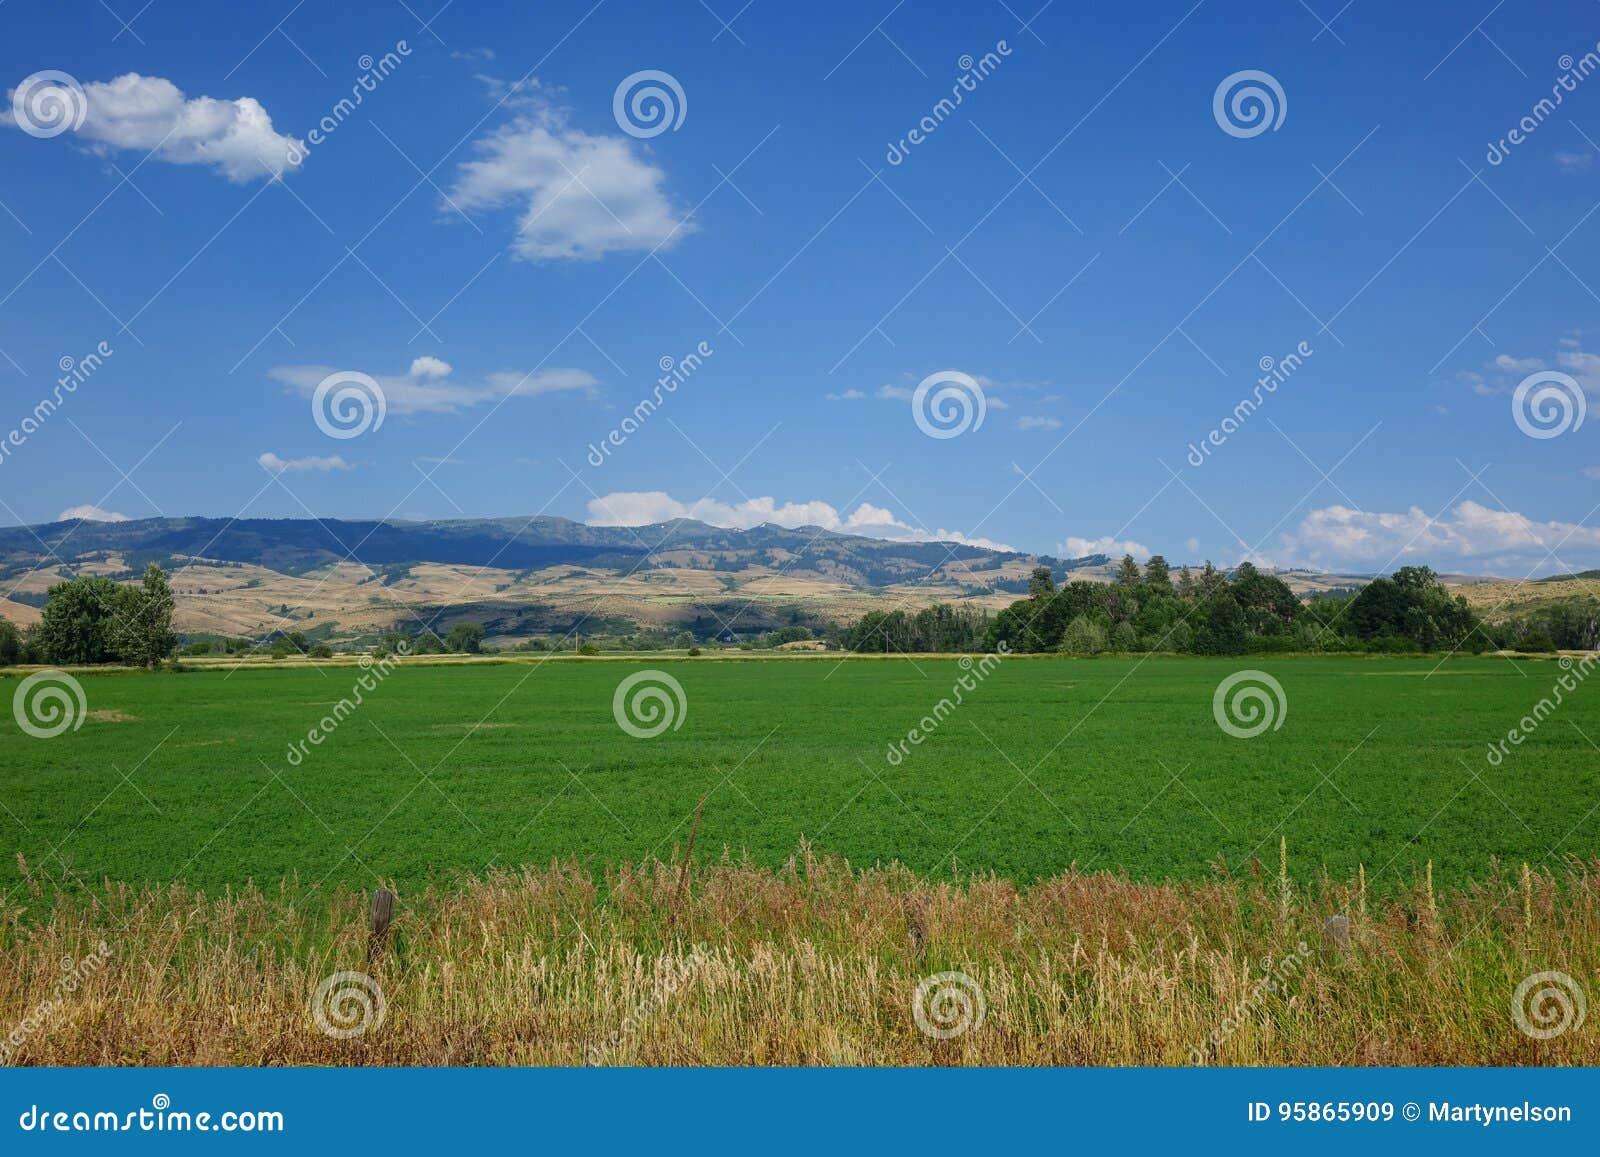 La granja y las montañas acercan al consejo, Idaho